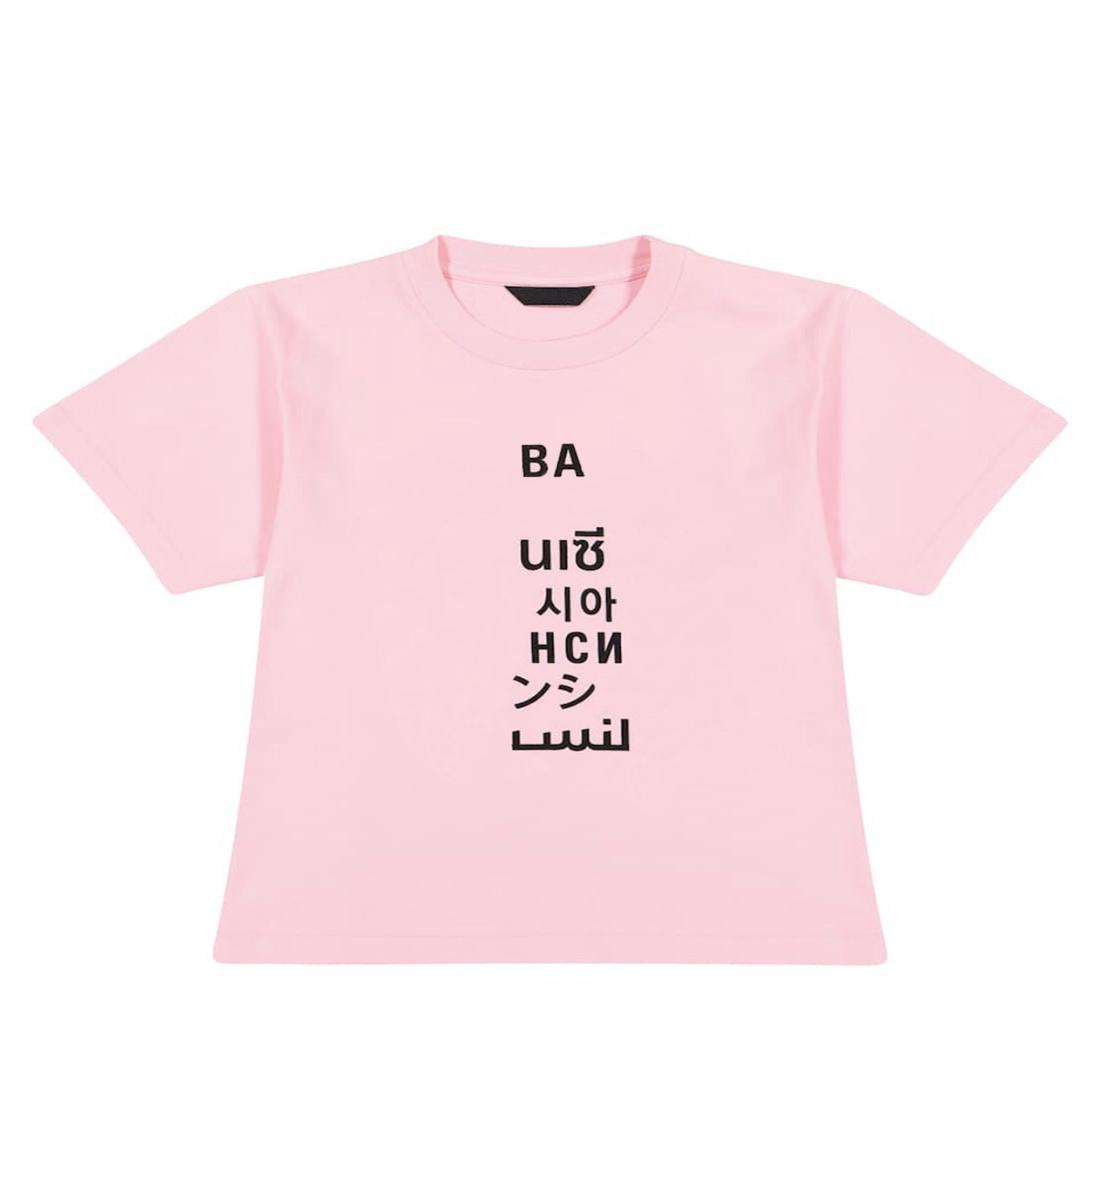 Estate bambini T-shirt moda casual tshirt carino ragazzo top comodi tees neutrali sette lingue lettera ragazza sport bambino tee vestiti